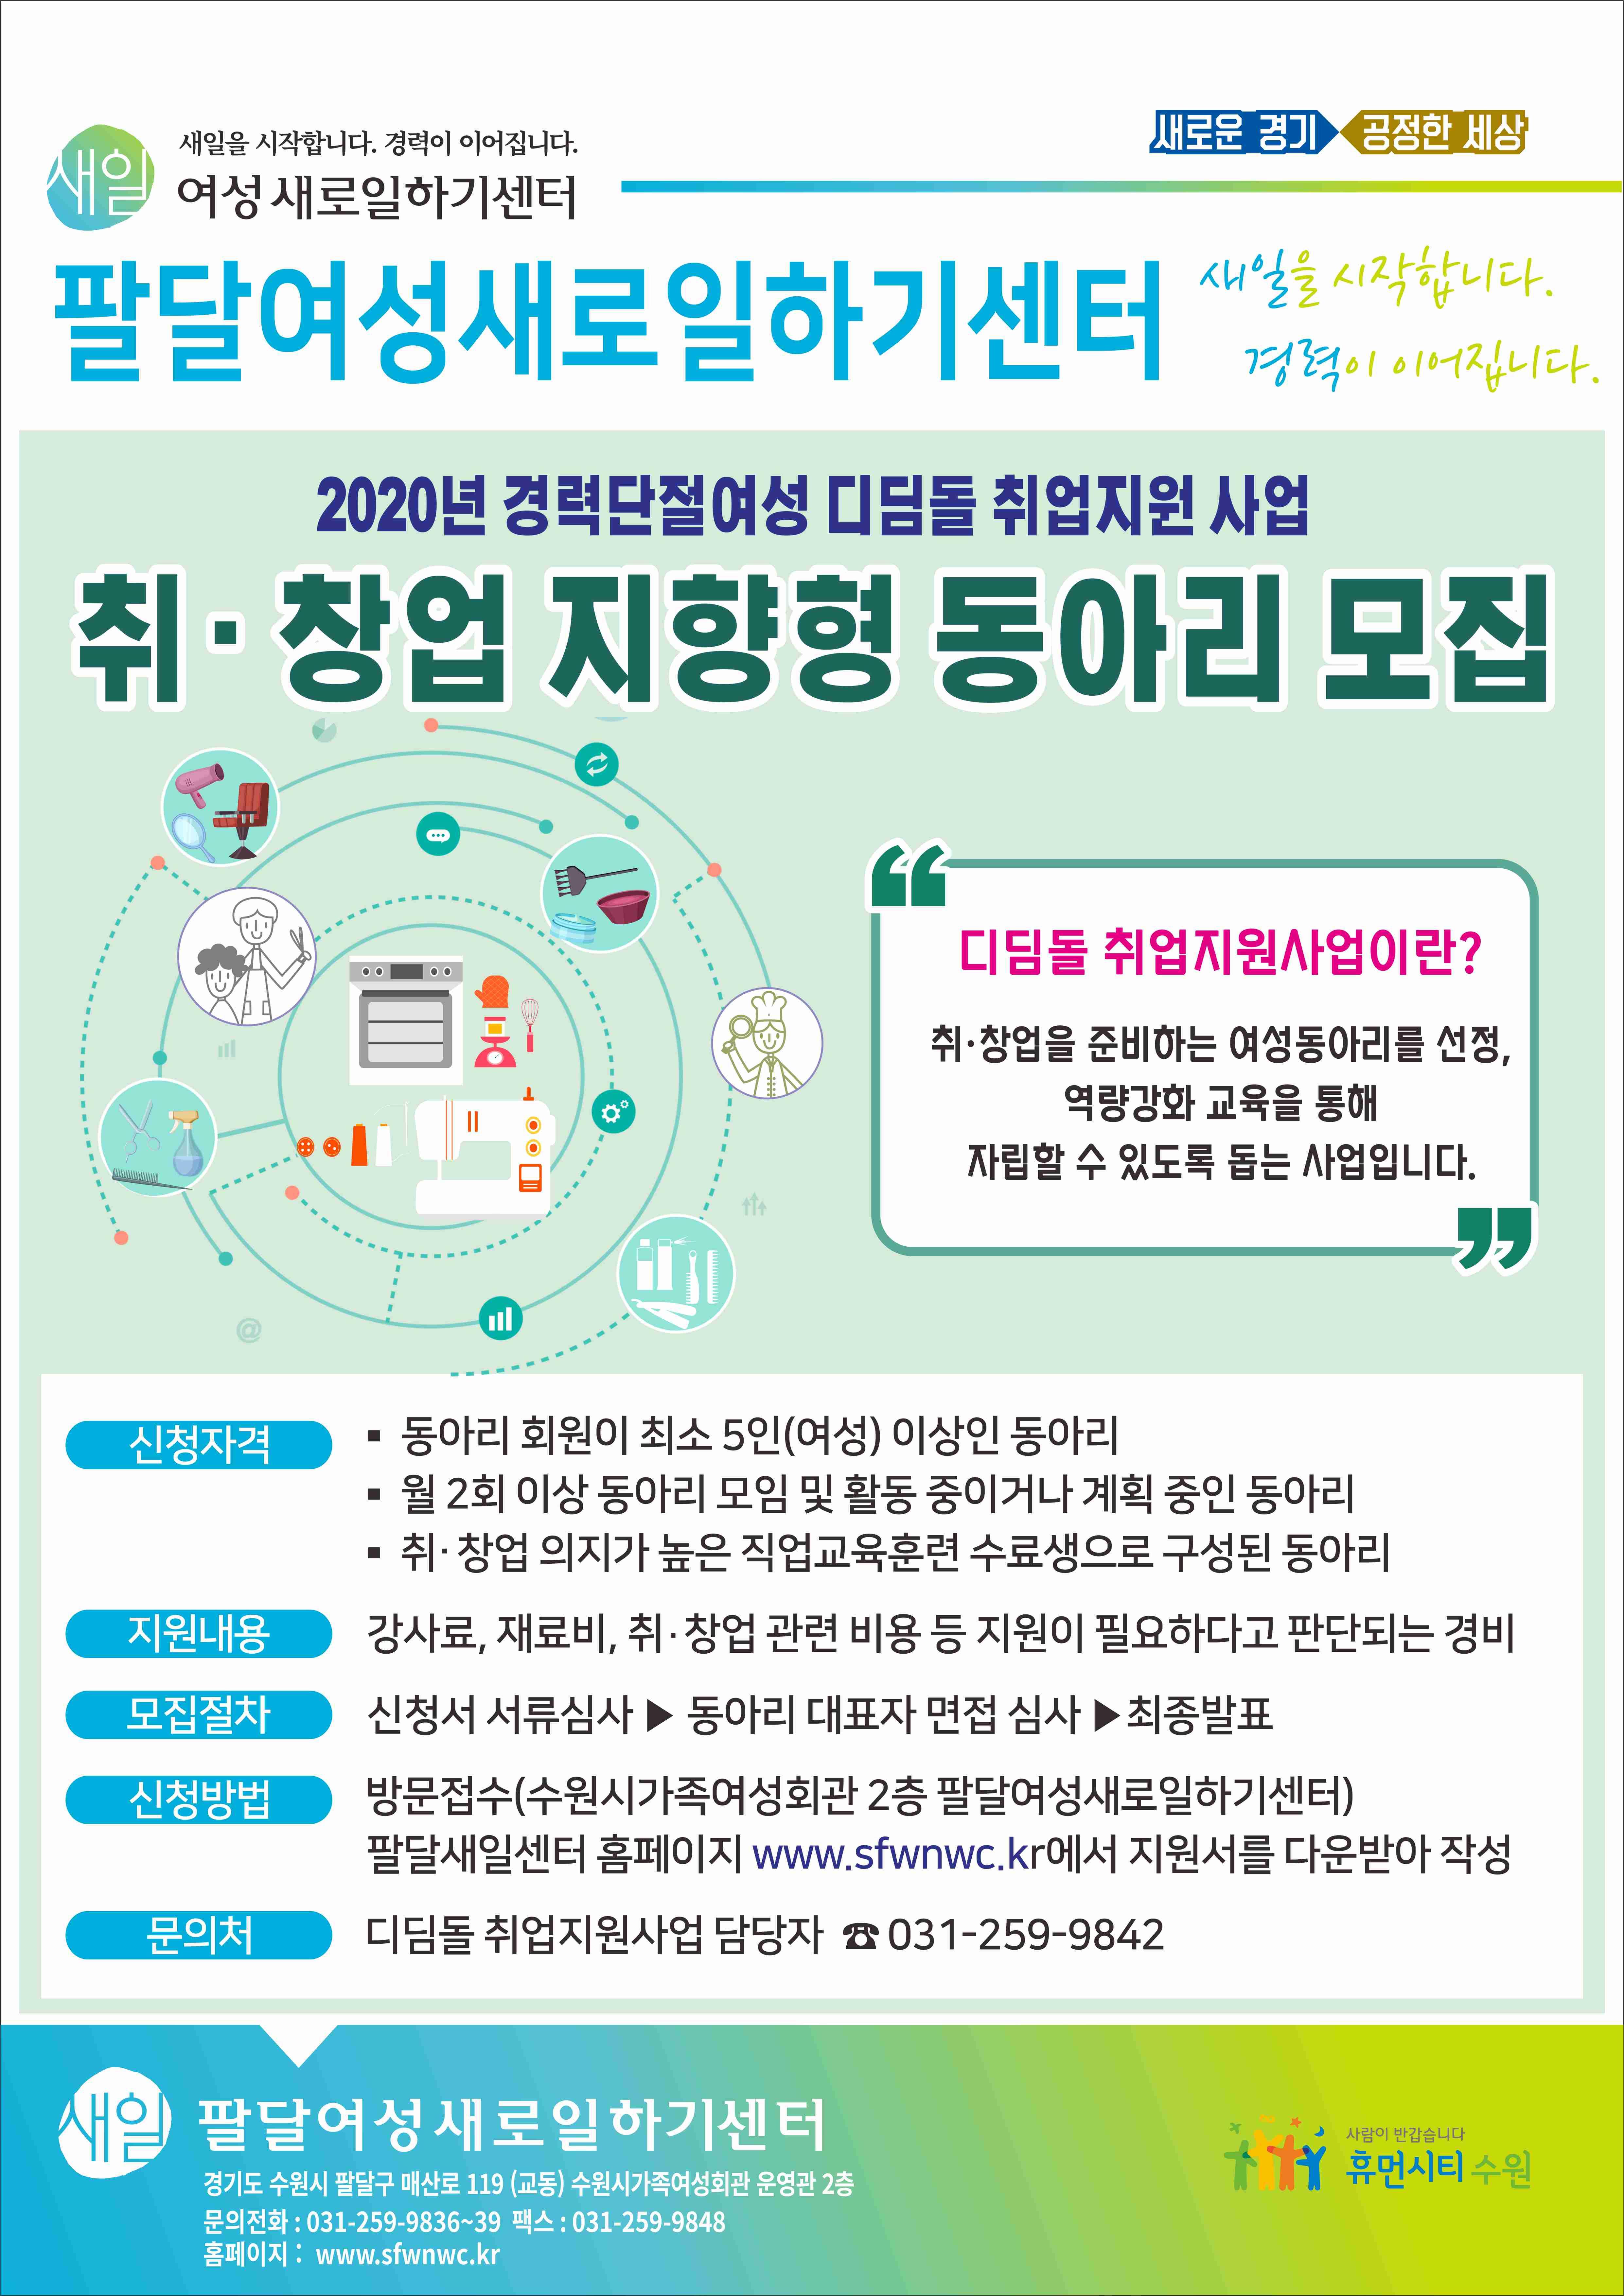 2020년 경력단절여성 디딤돌 취업지원 사업 취·창업 지향형 동아리 모집